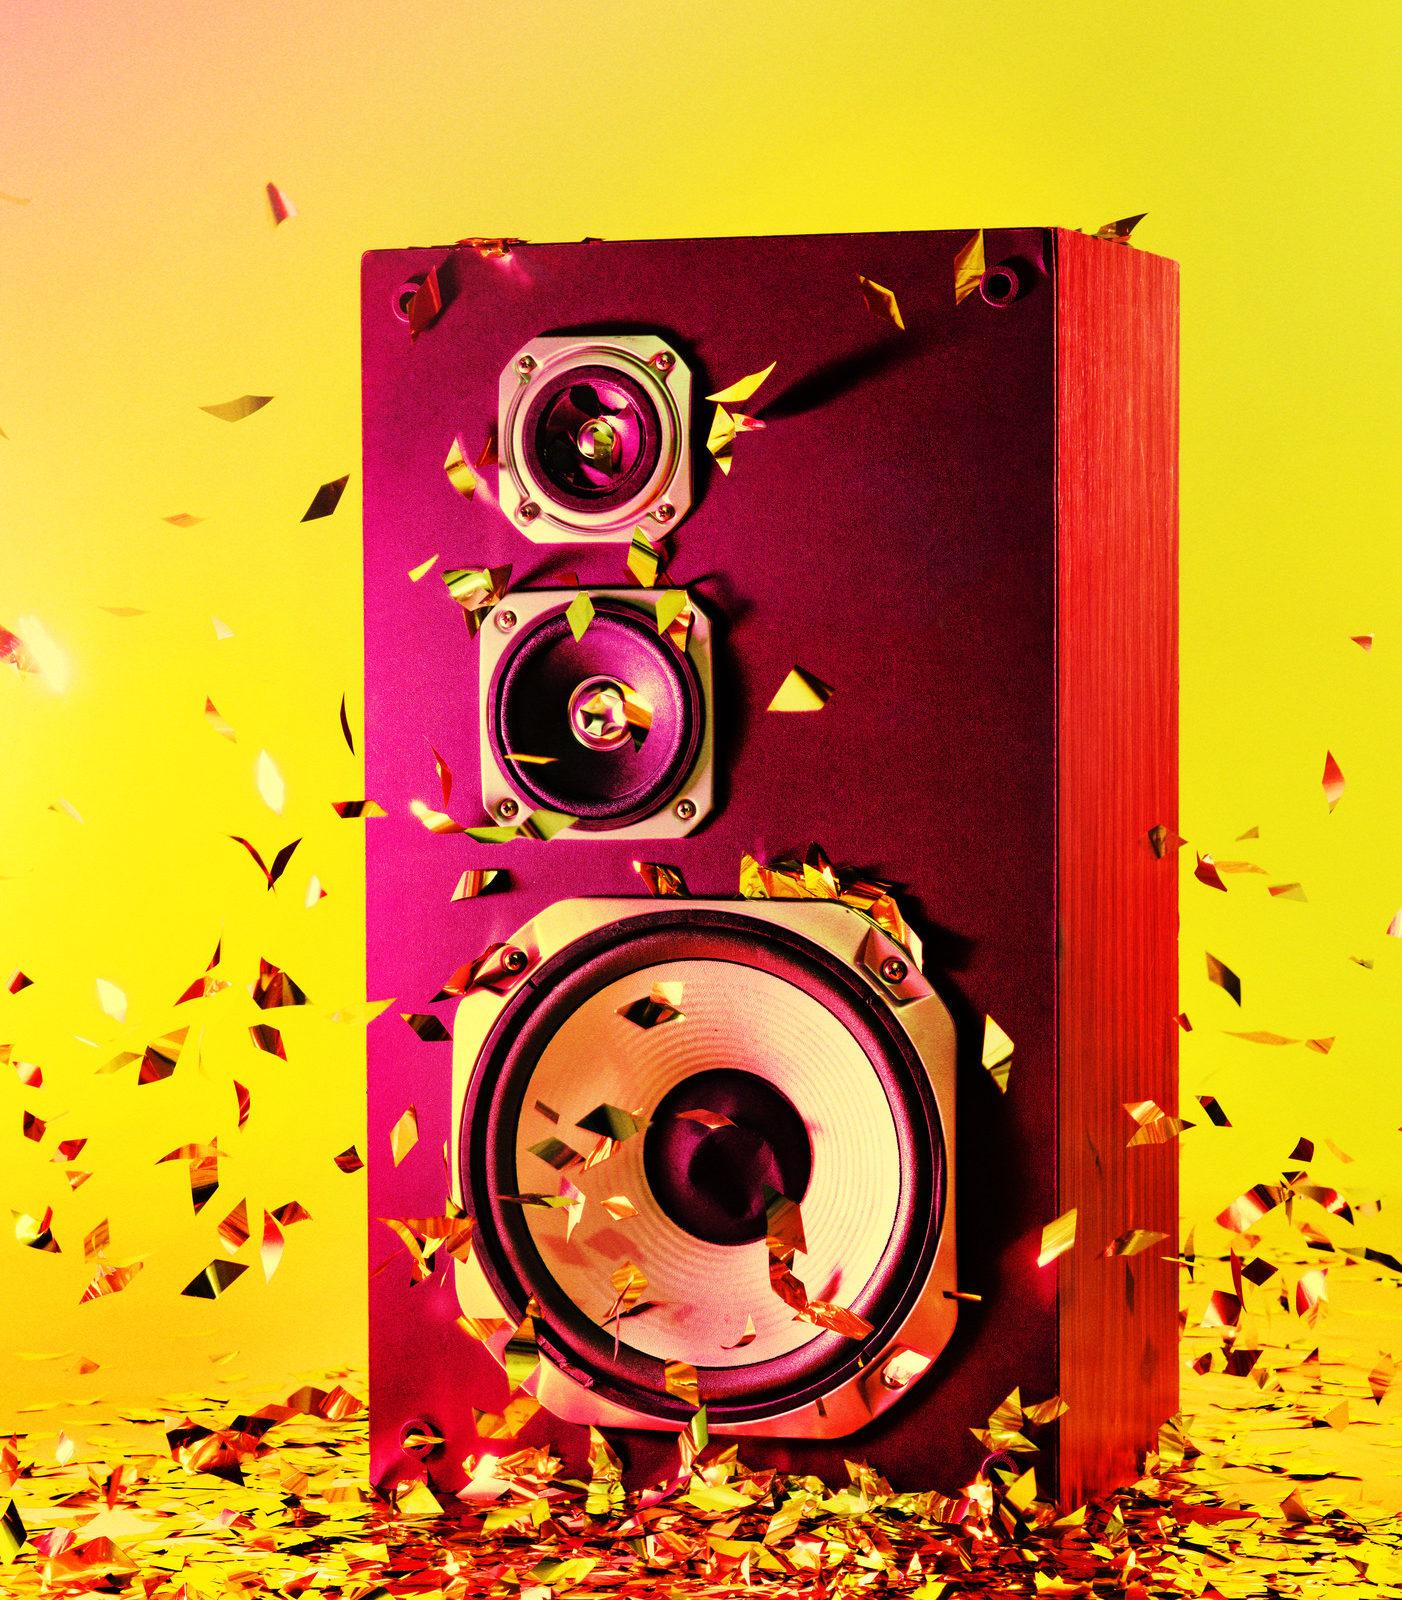 whode-195467-Music Speaker Confetti